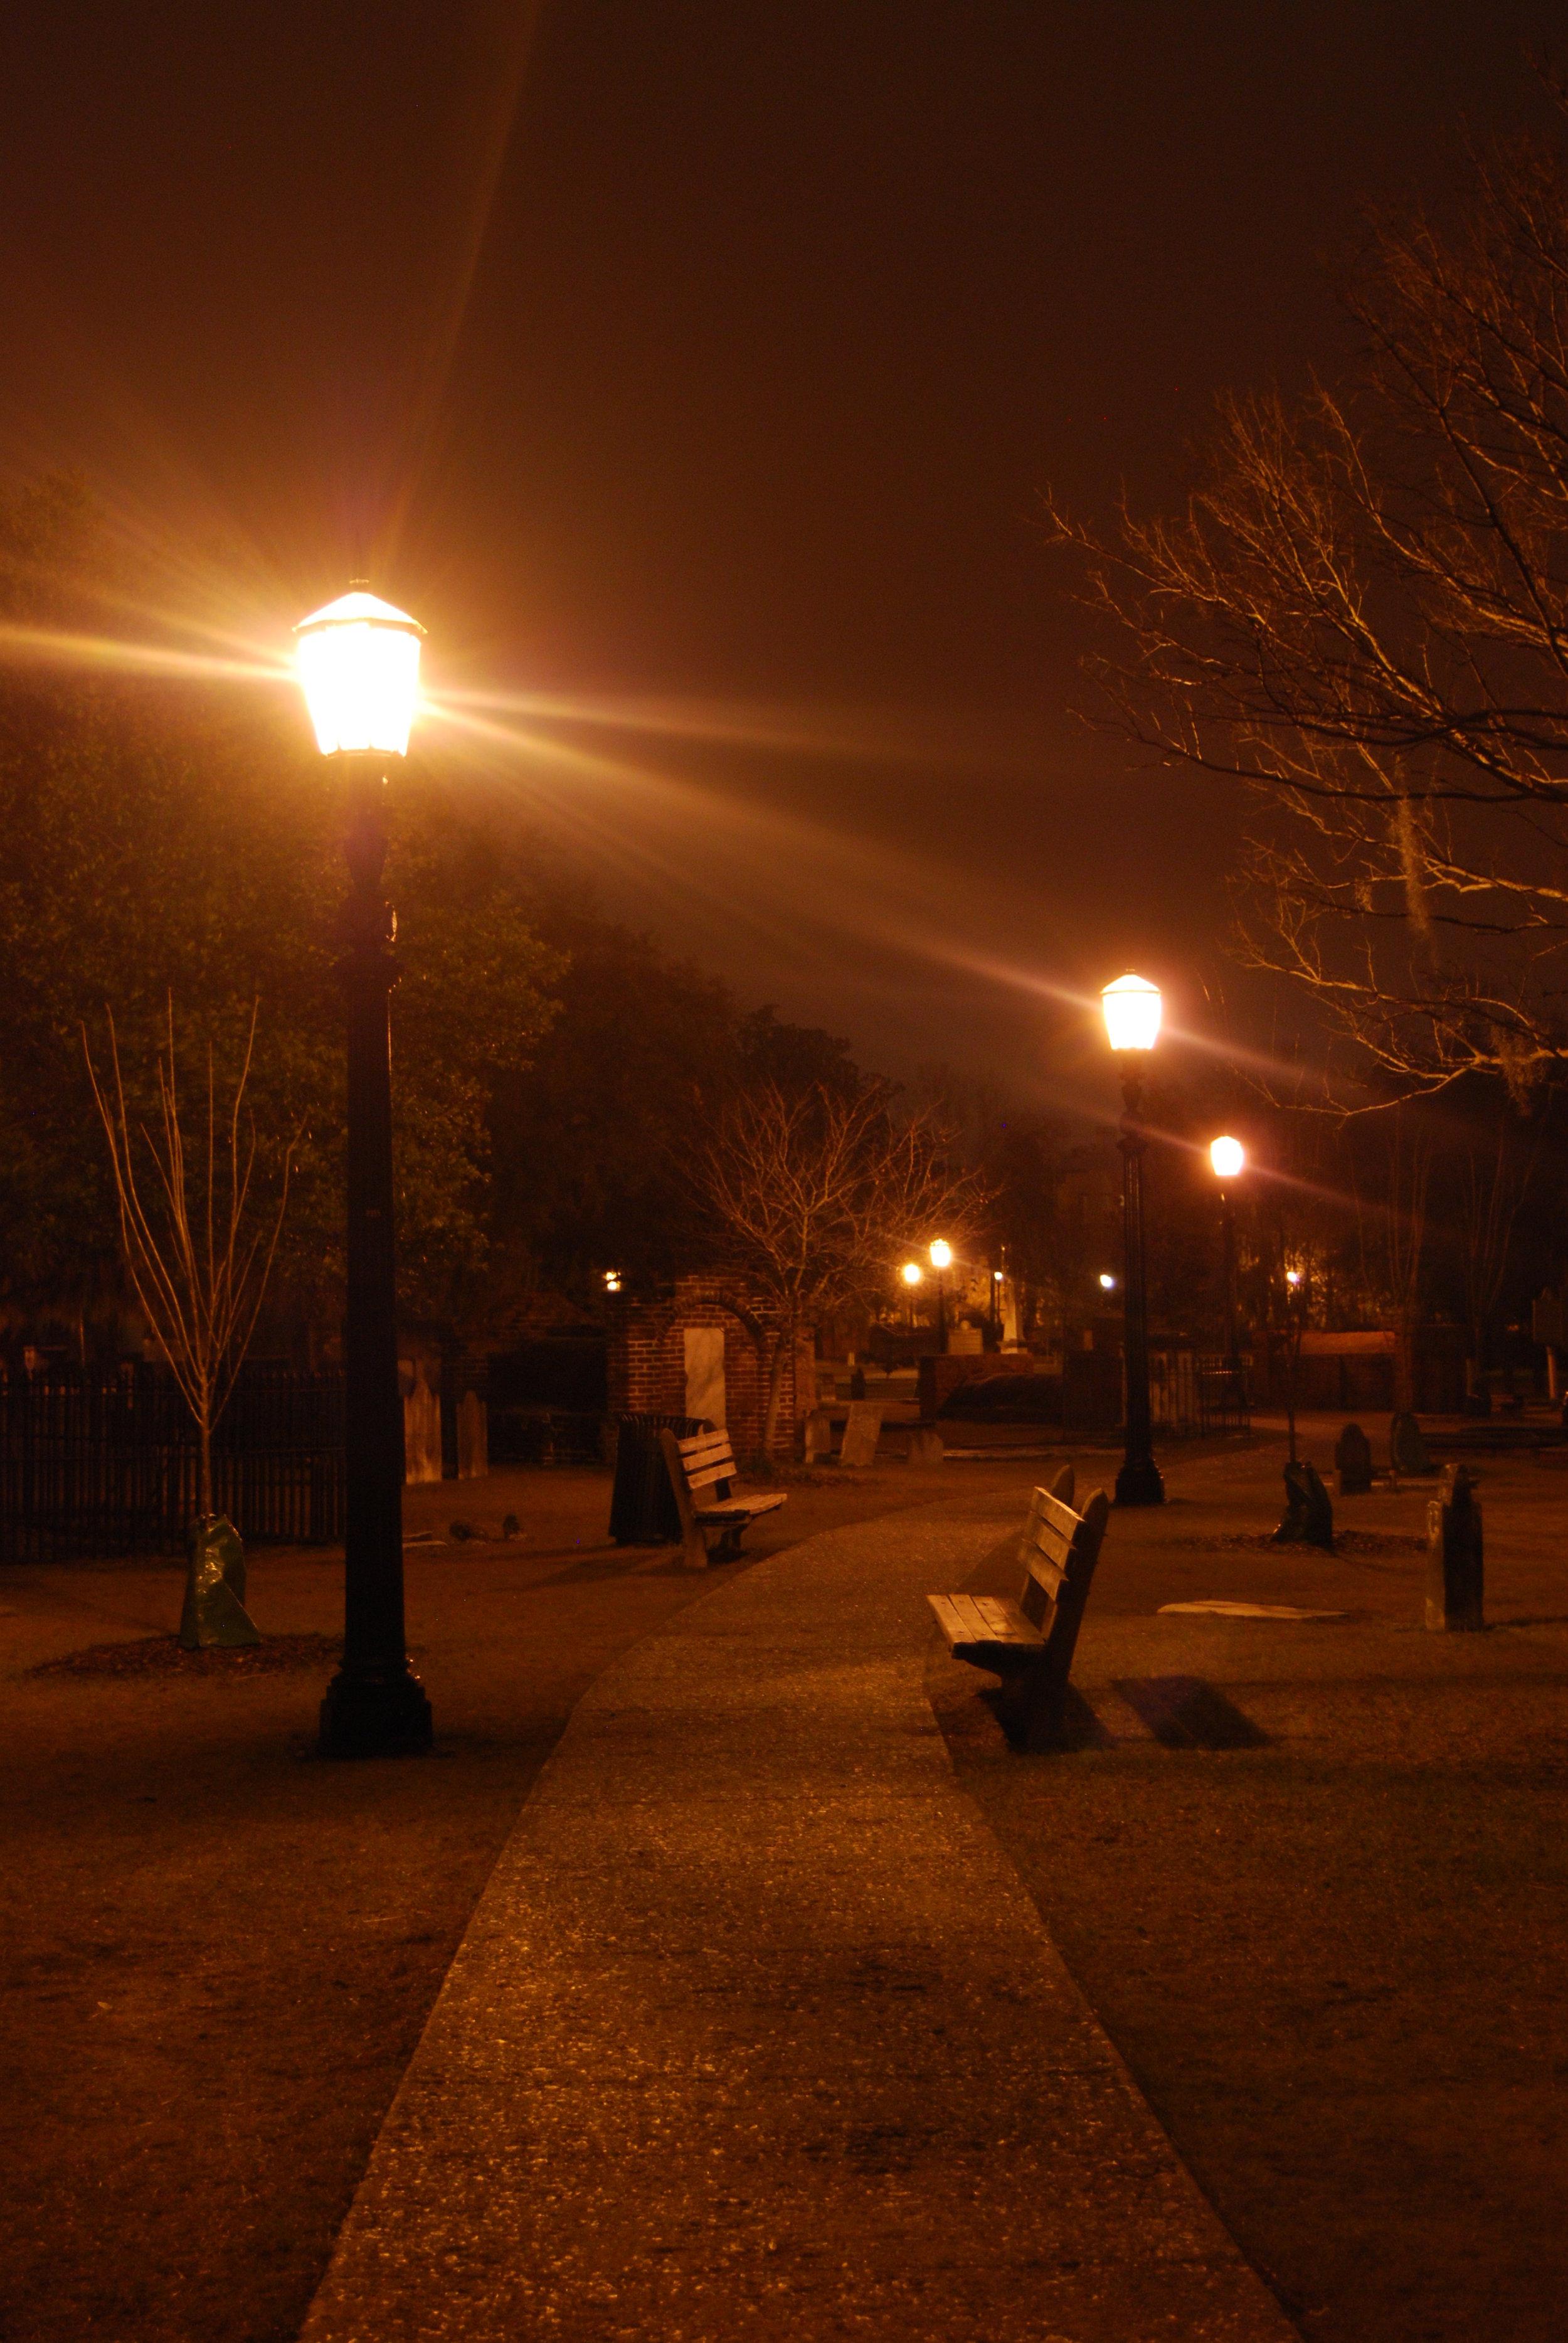 A Path through Evening  Savannah, GA